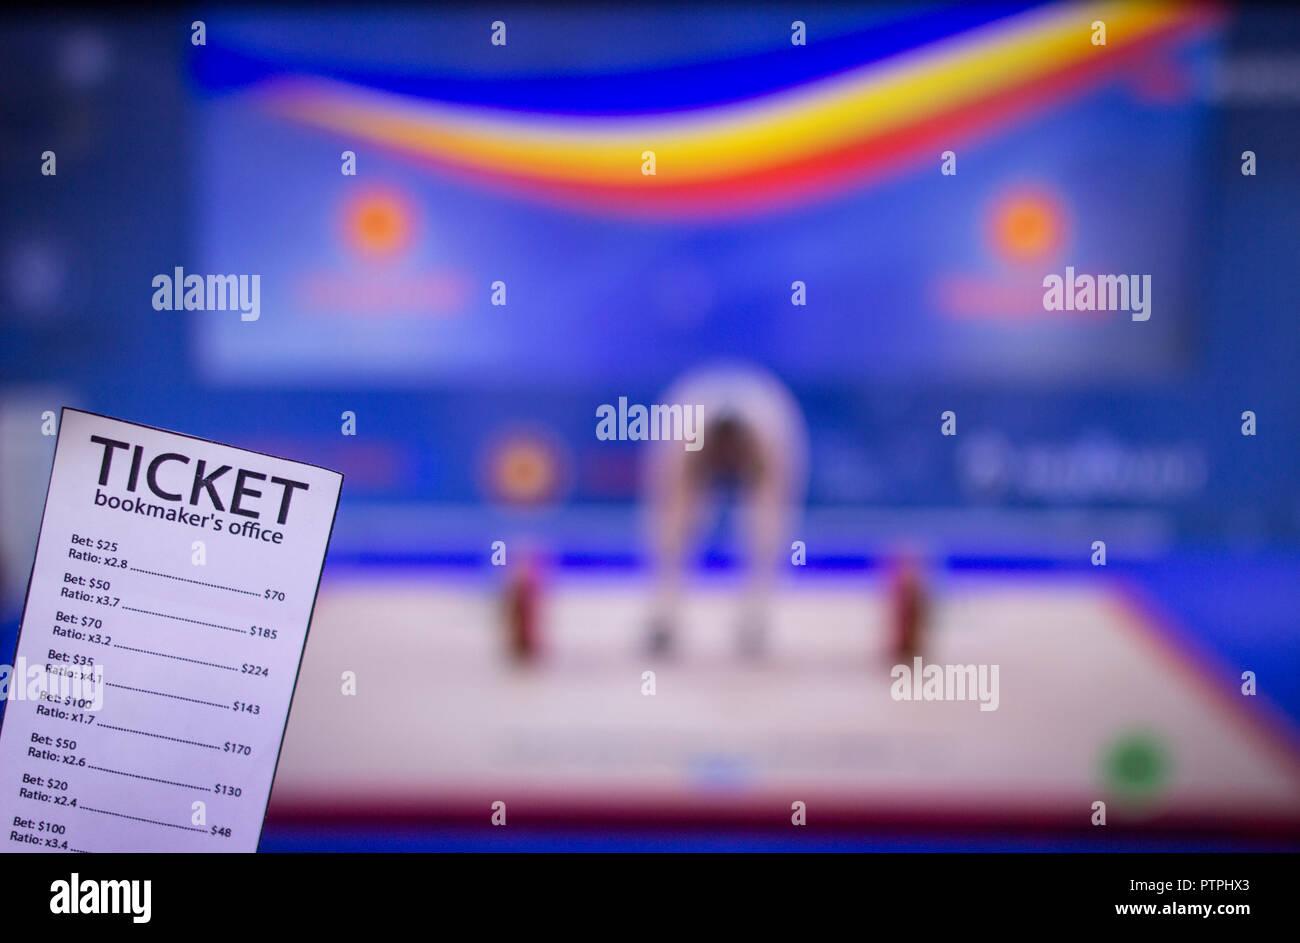 Boleto de apuestas sobre los antecedentes de la TV en la que mostrar el levantamiento de pesas, apuestas deportivas, barbell Imagen De Stock